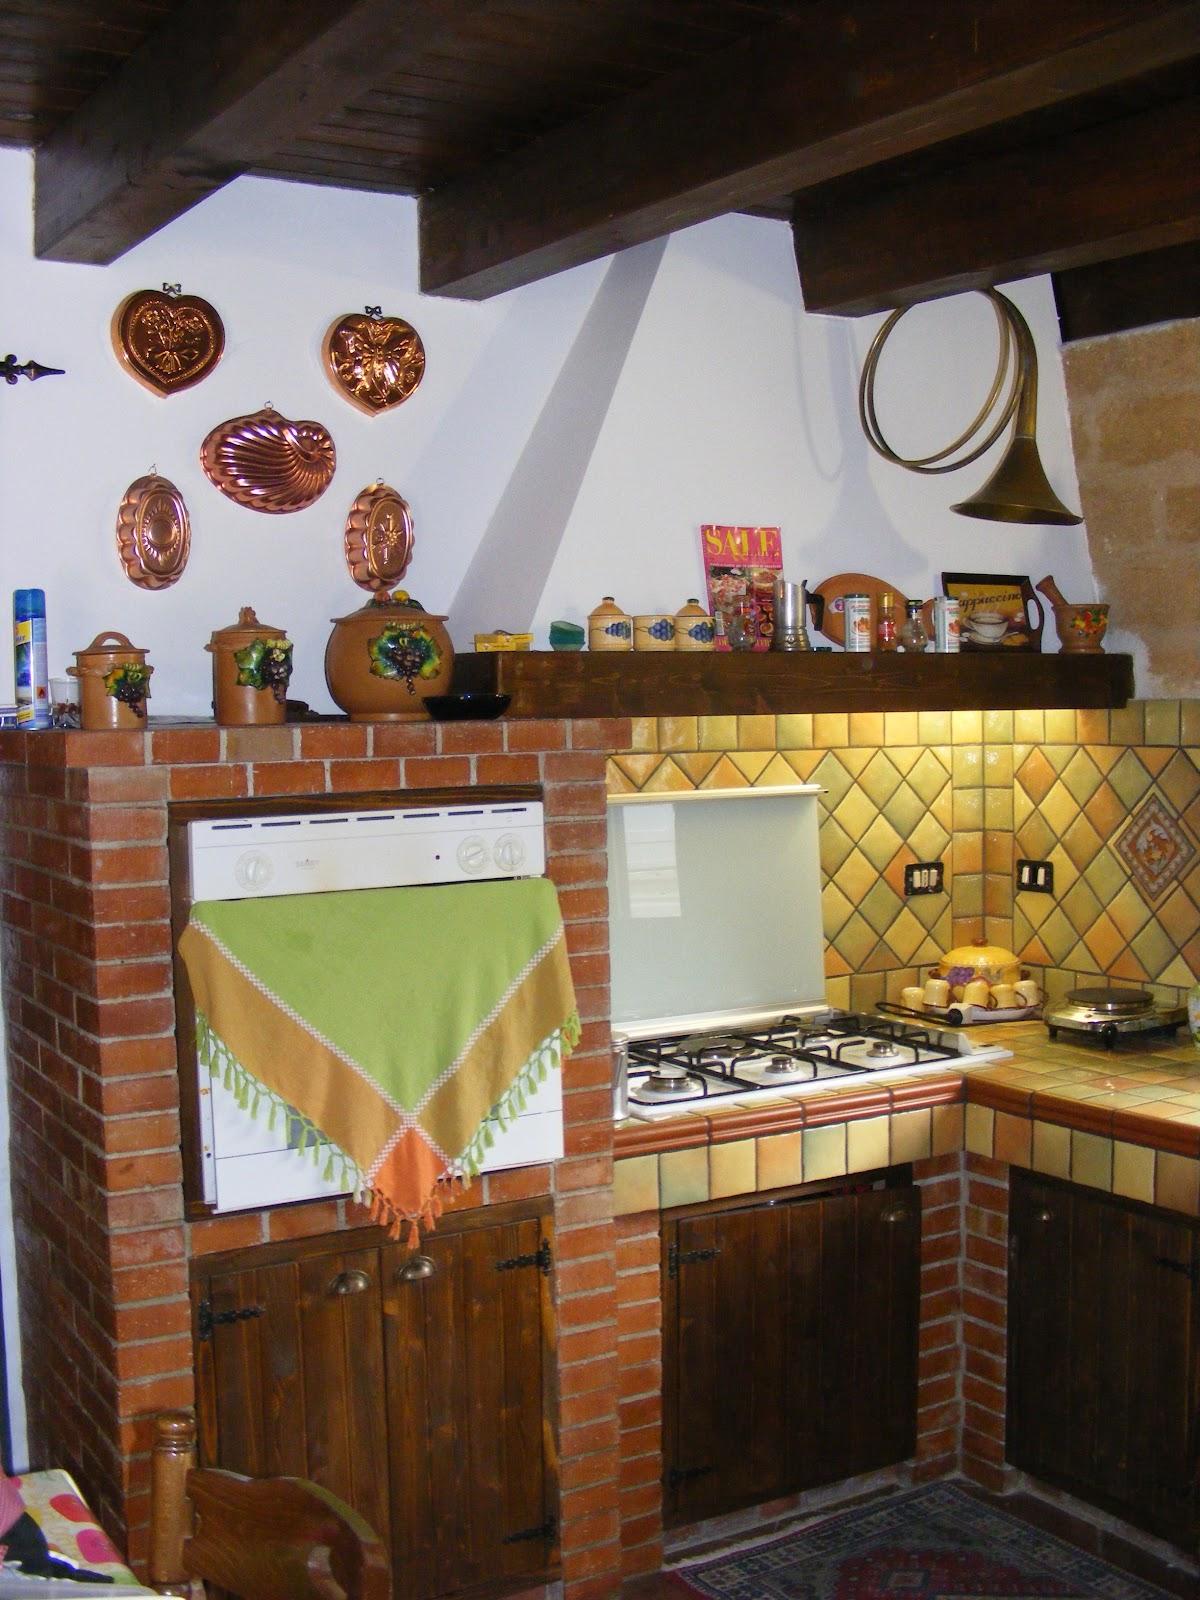 Cucine Componibili Basso Costo.Cucine Componibili Basso Costo Elegant Cucina Classica Completa Di